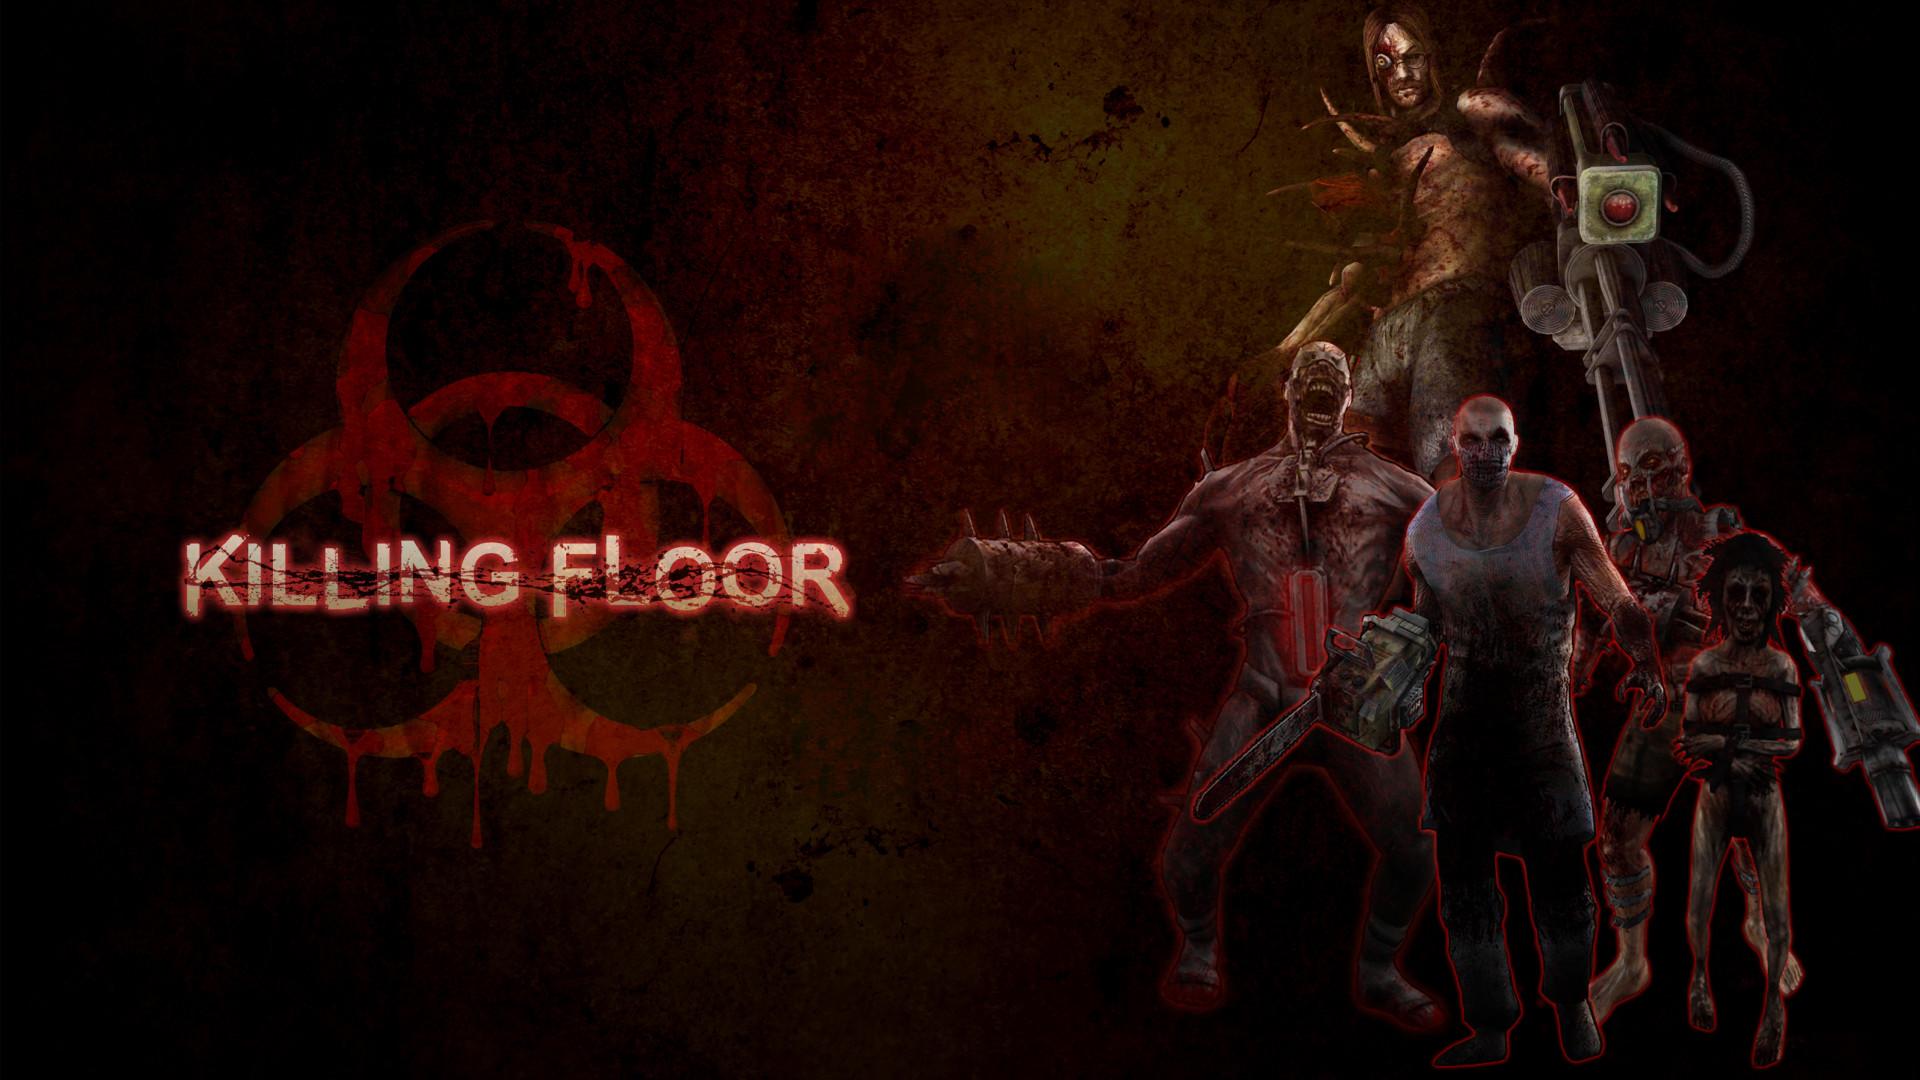 Killing Floor Qhd Wallpaper: Videogames Wallpaper (78+ Immagini